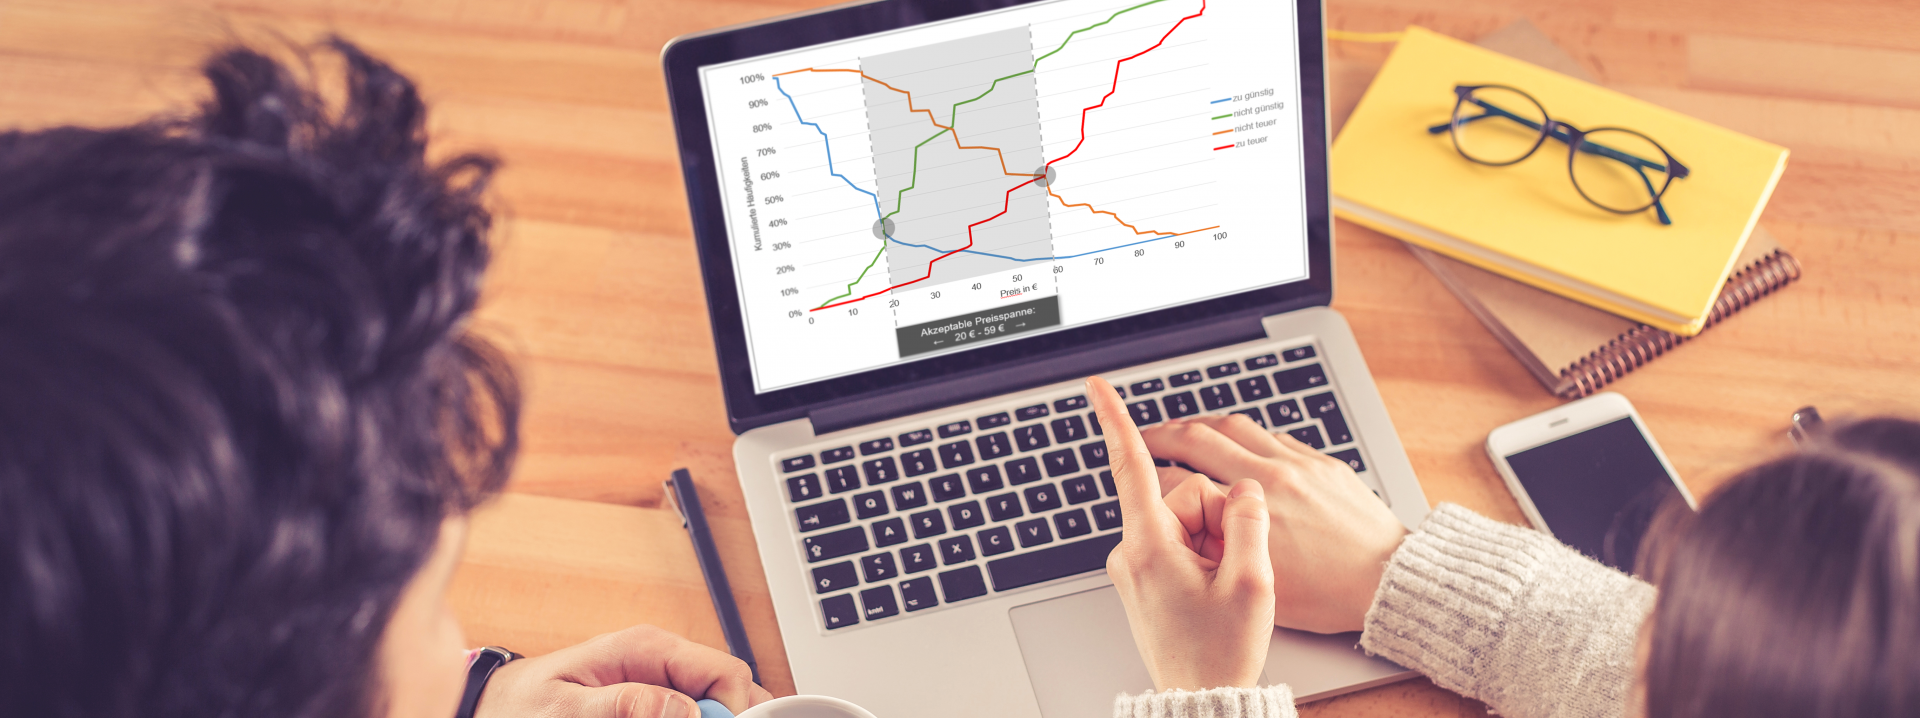 Conjoint Analyse Auswertungsbeispiel Van Westendorp auf Laptop